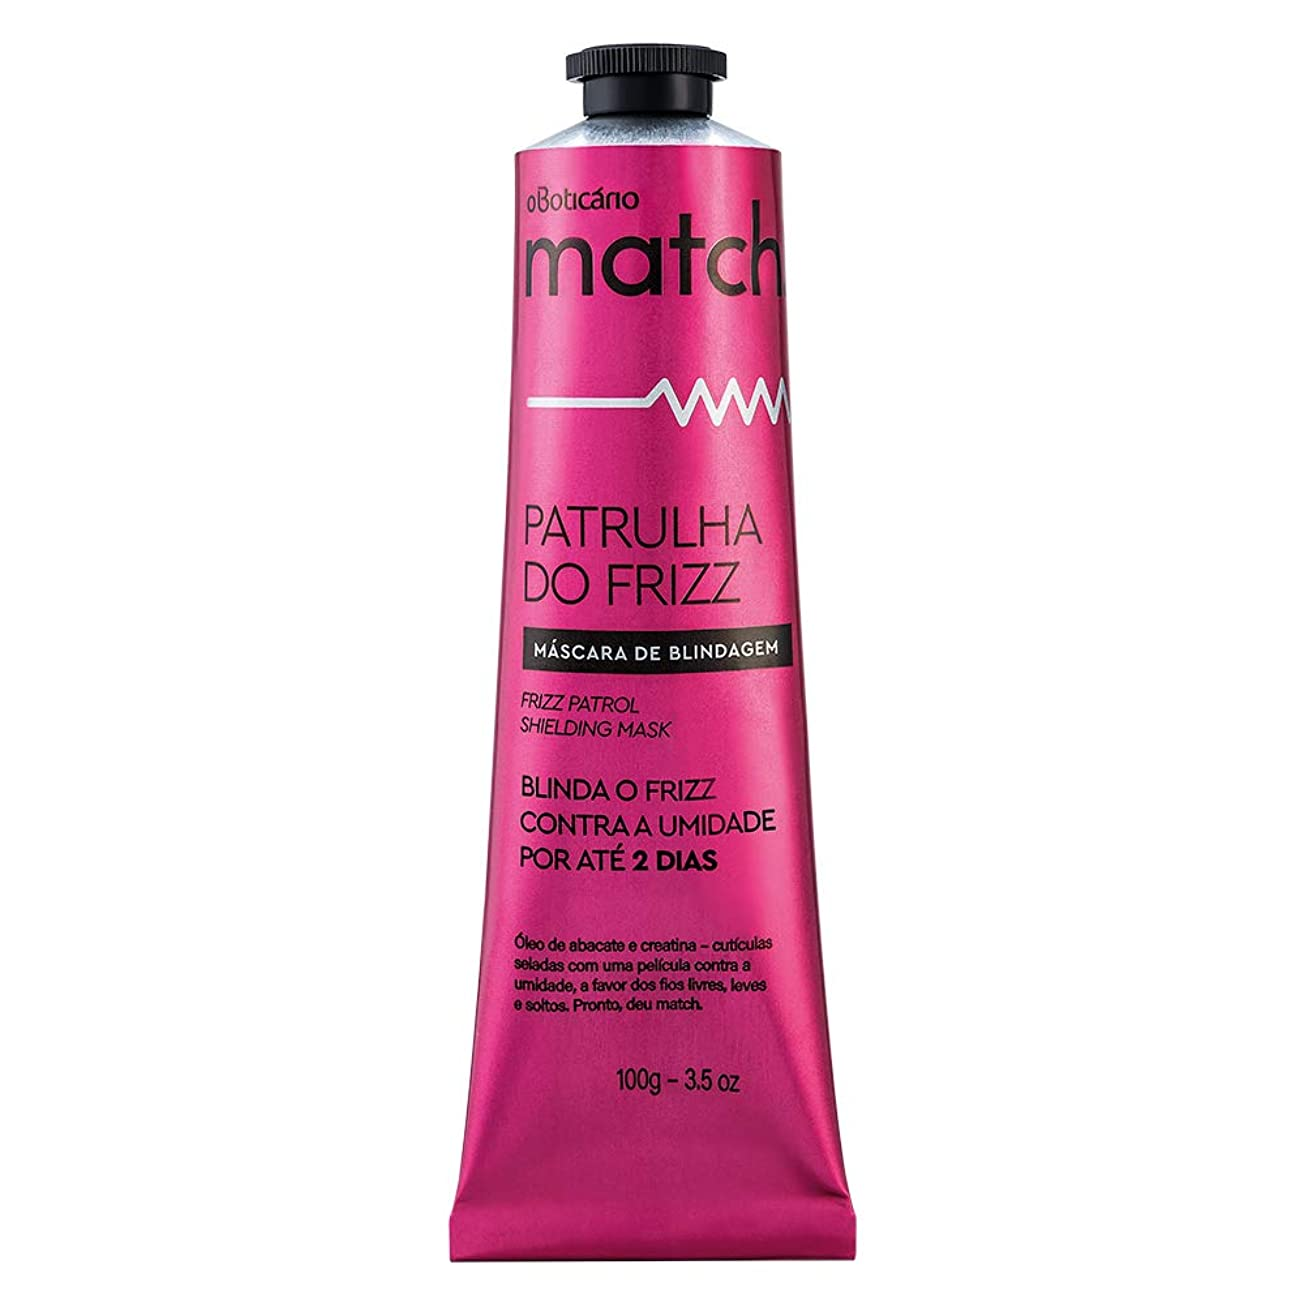 水没知るシットコムオ?ボチカリオ マッチ フリッツ パトロール ヘア マスク MATCH FRIZZ PATROL HAIR MASK 100g O Boticario